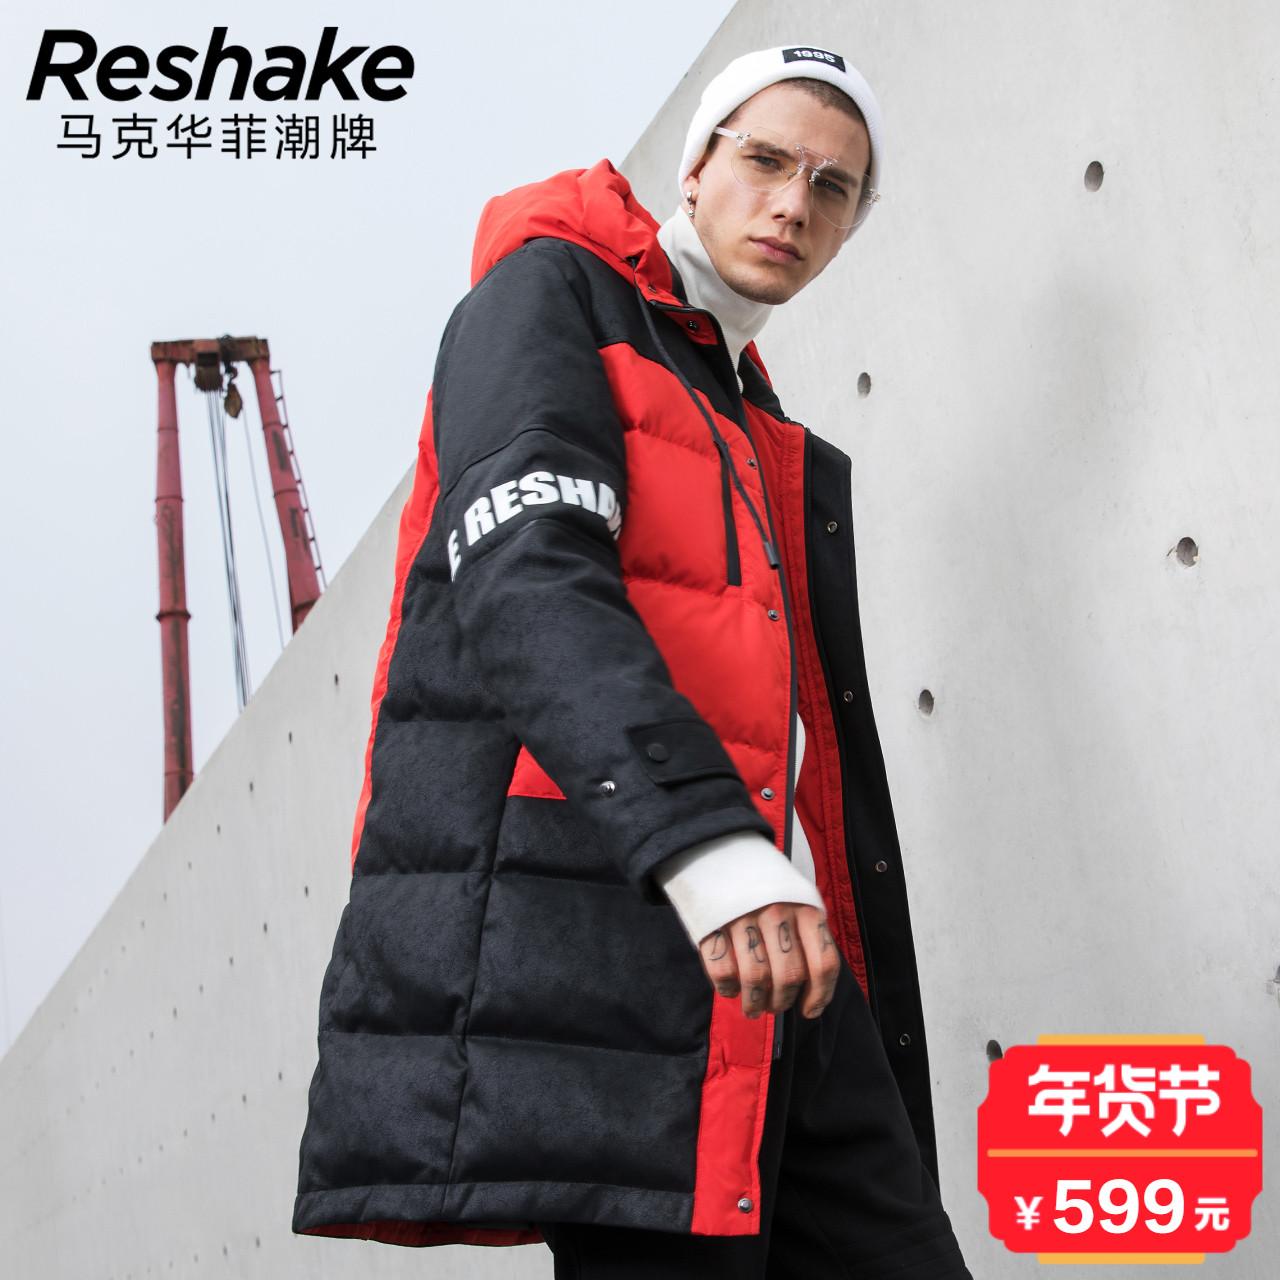 华菲型格Reshake羽绒服男长款2017冬拼接潮流羽绒服男帅气外套